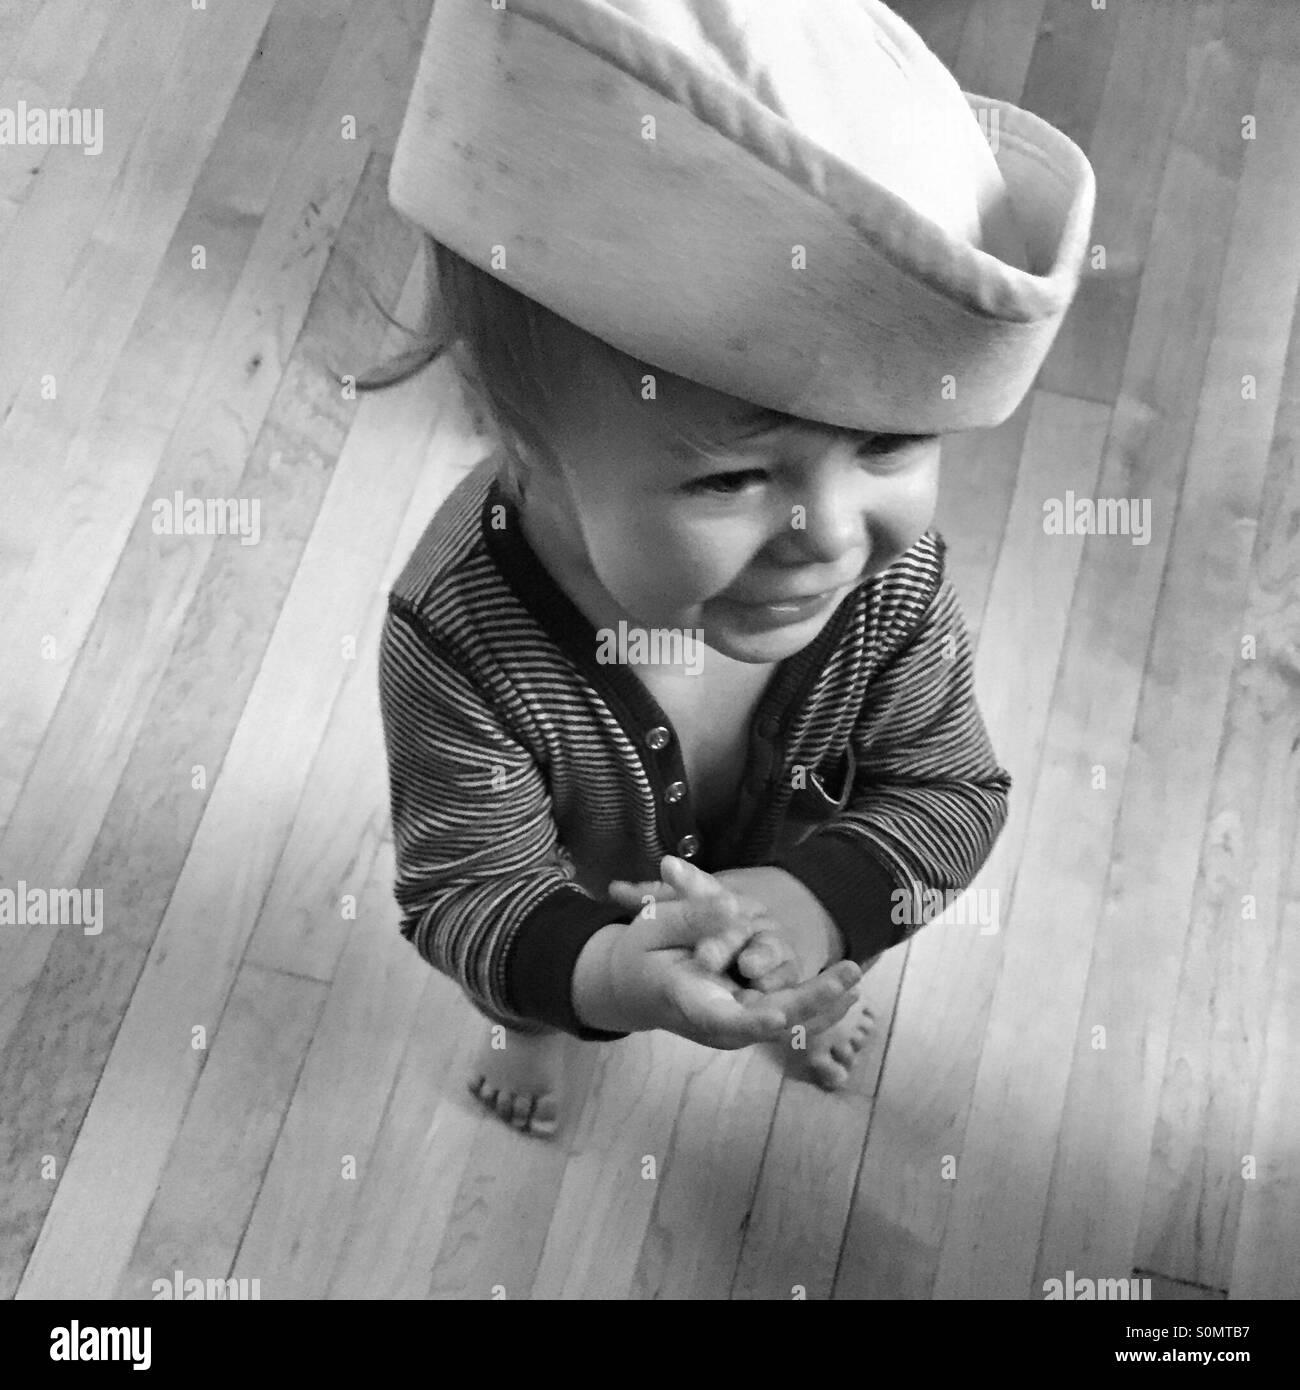 Photo en noir et blanc d'un bambin heureux portant un uniforme sailor's hat à partir de la marine Photo Stock